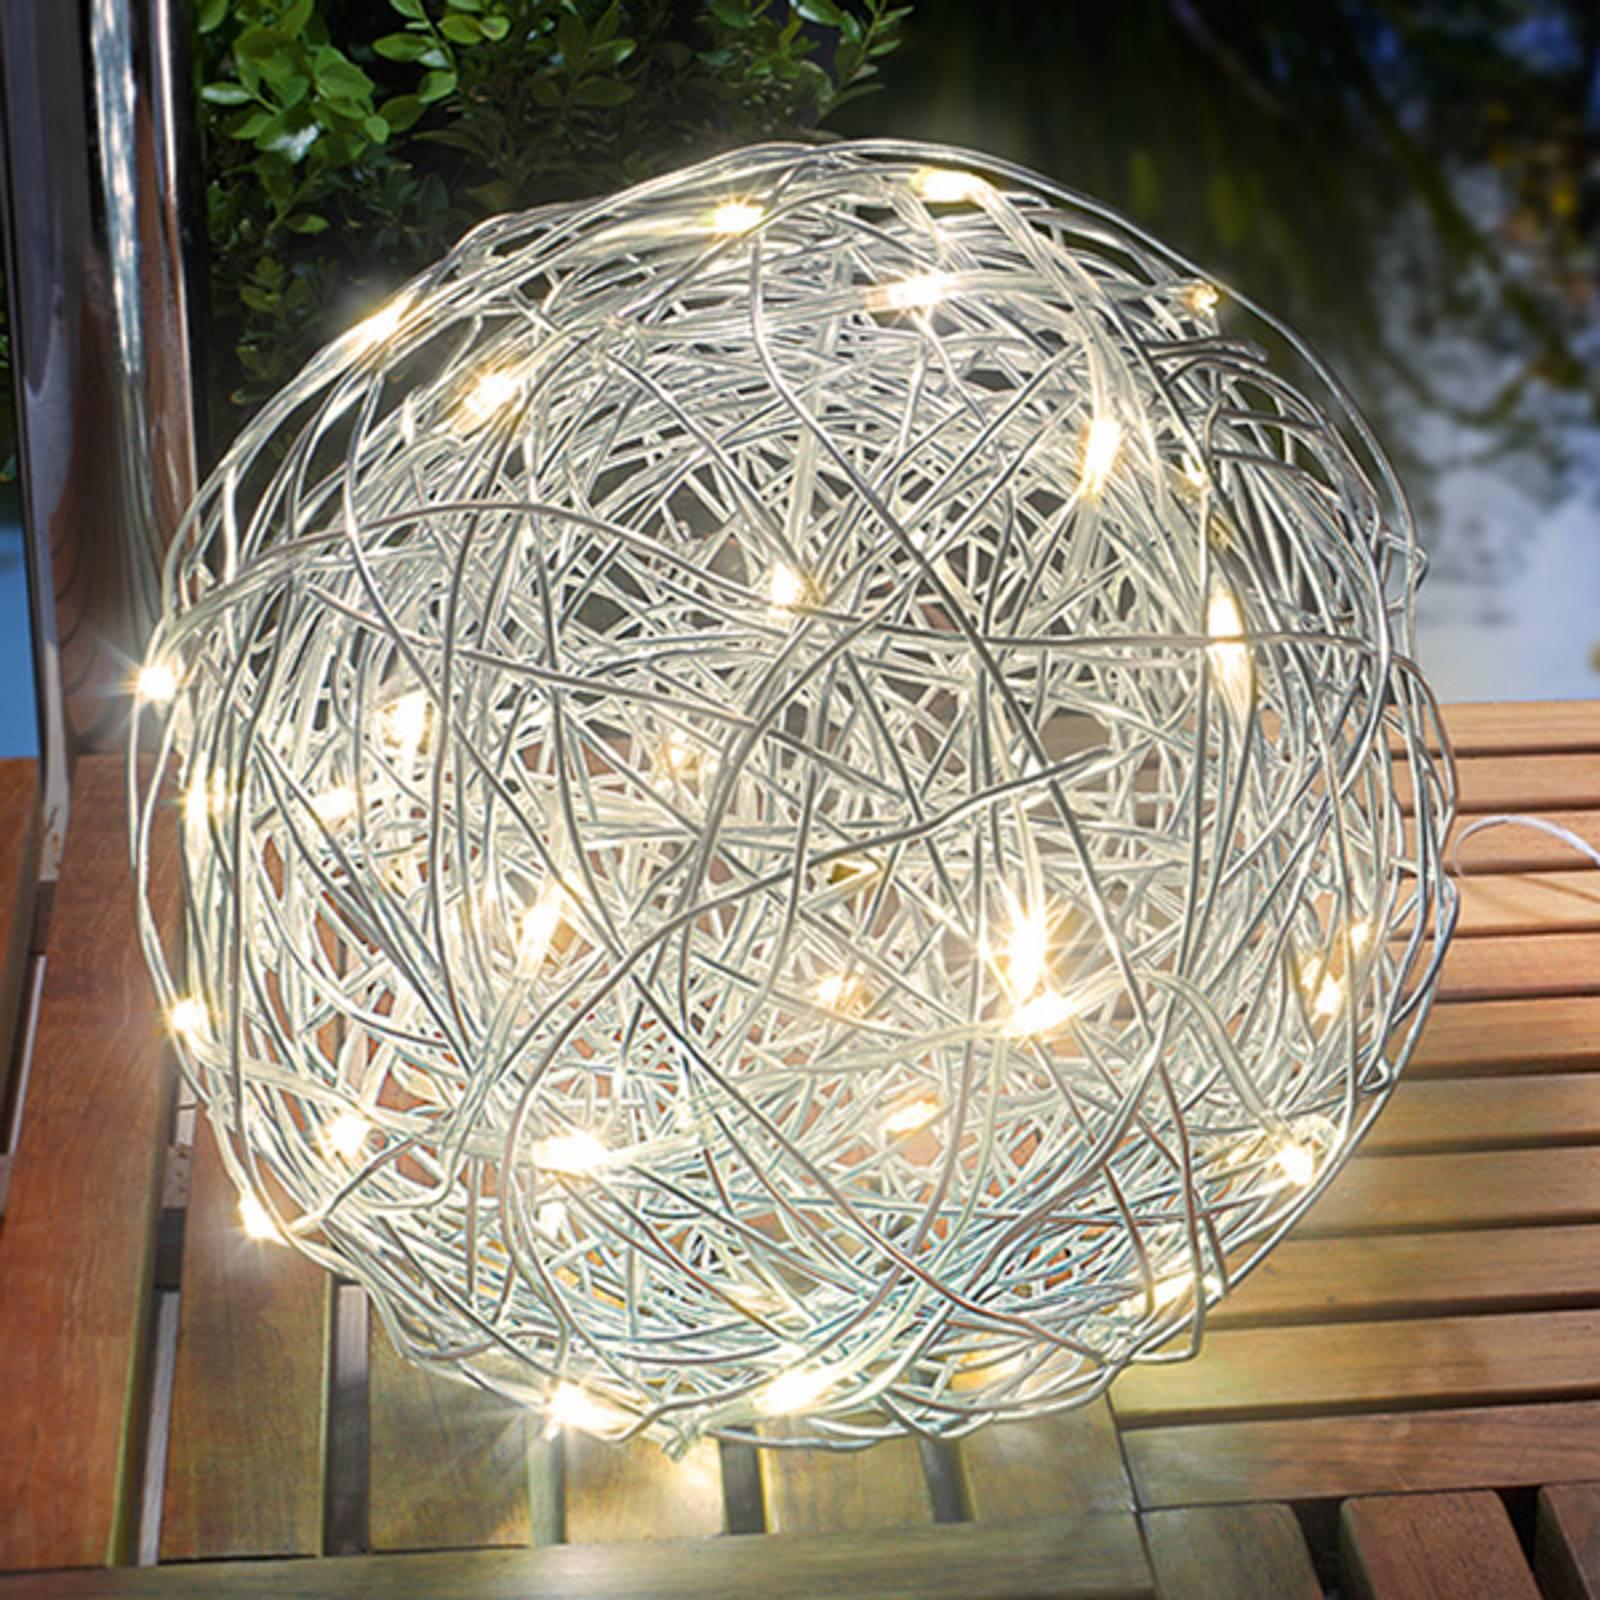 Lampa solarna LED Alu-Wireball, ciepła biel